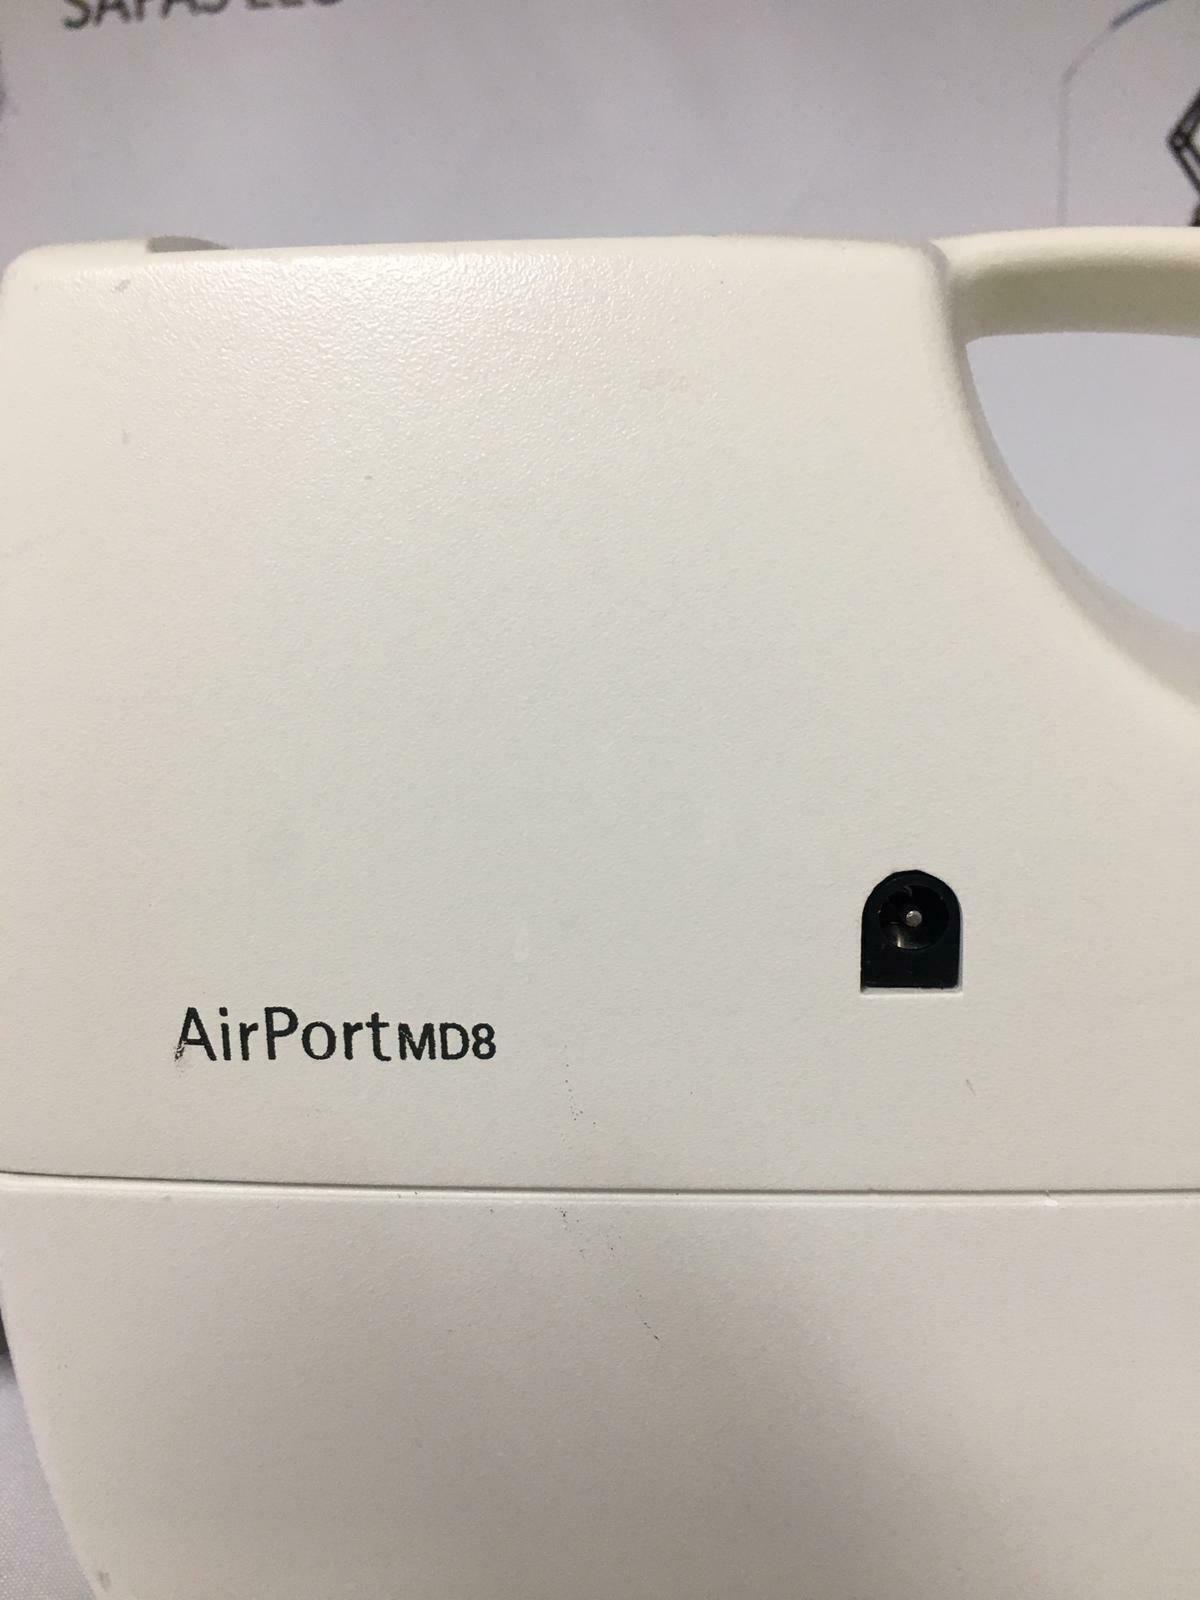 Sartorius Stedim AirPort MD8 portable Air Sampler